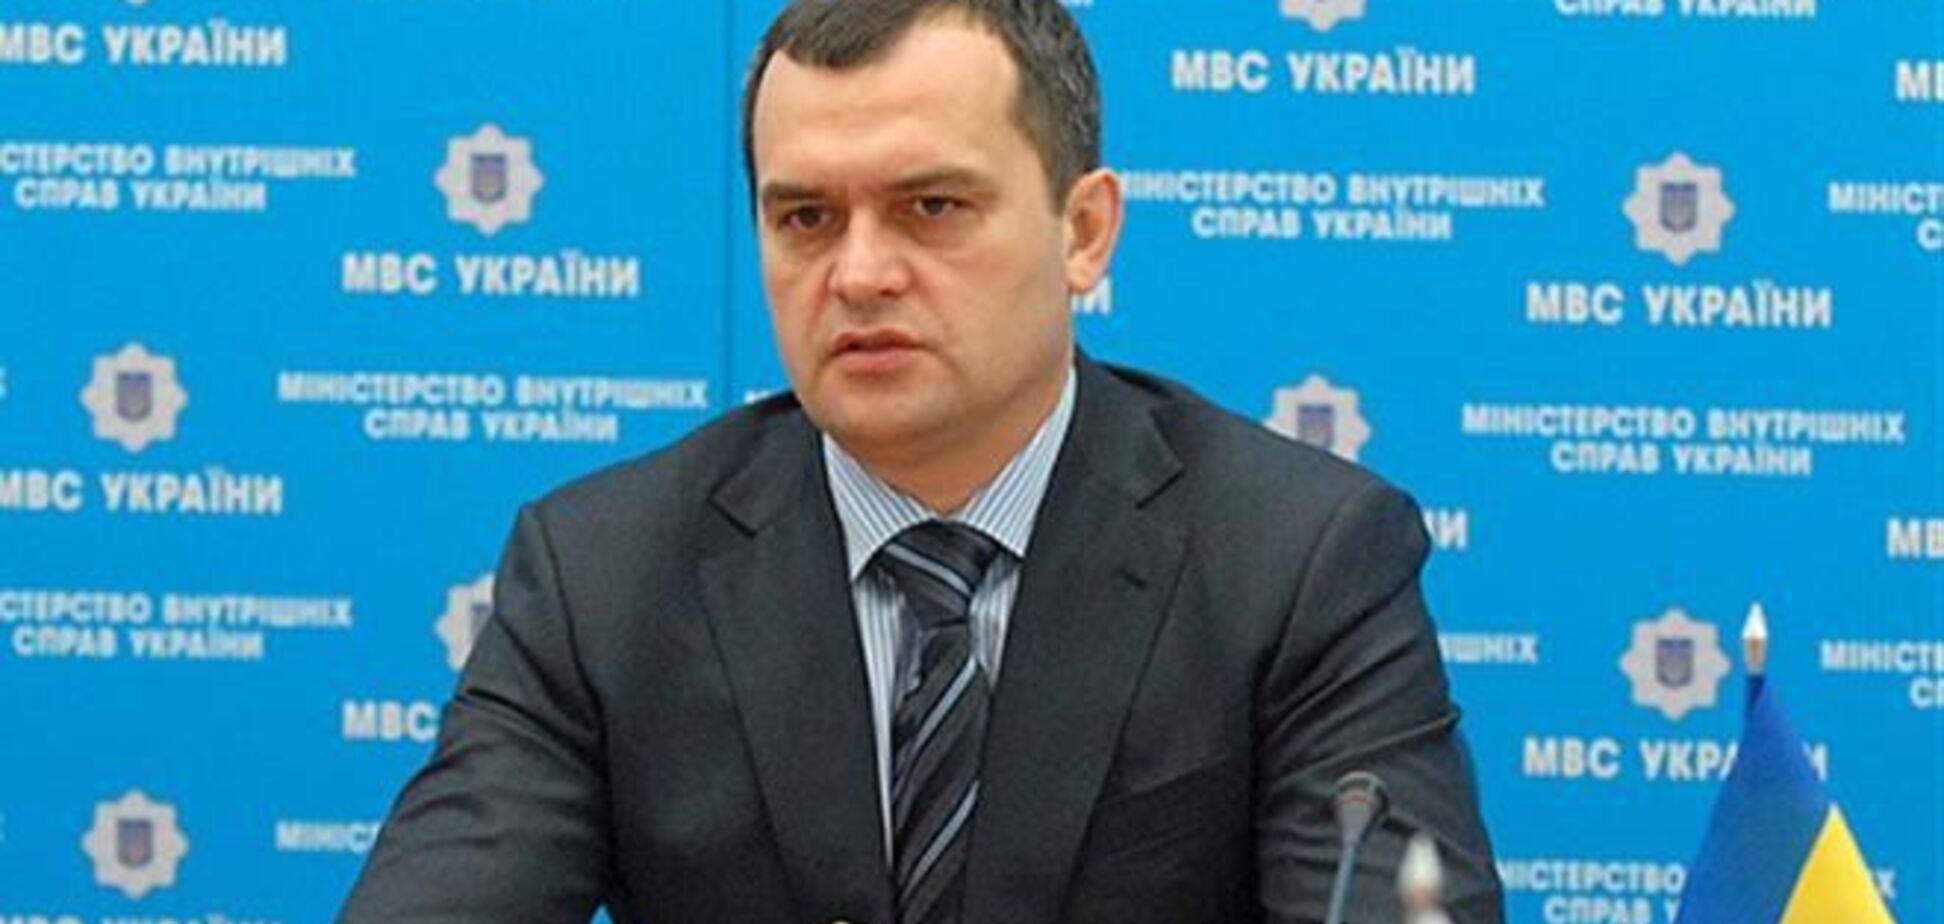 Захарченко: міліція активно шукає останнього підозрюваного у справі Чорновіл